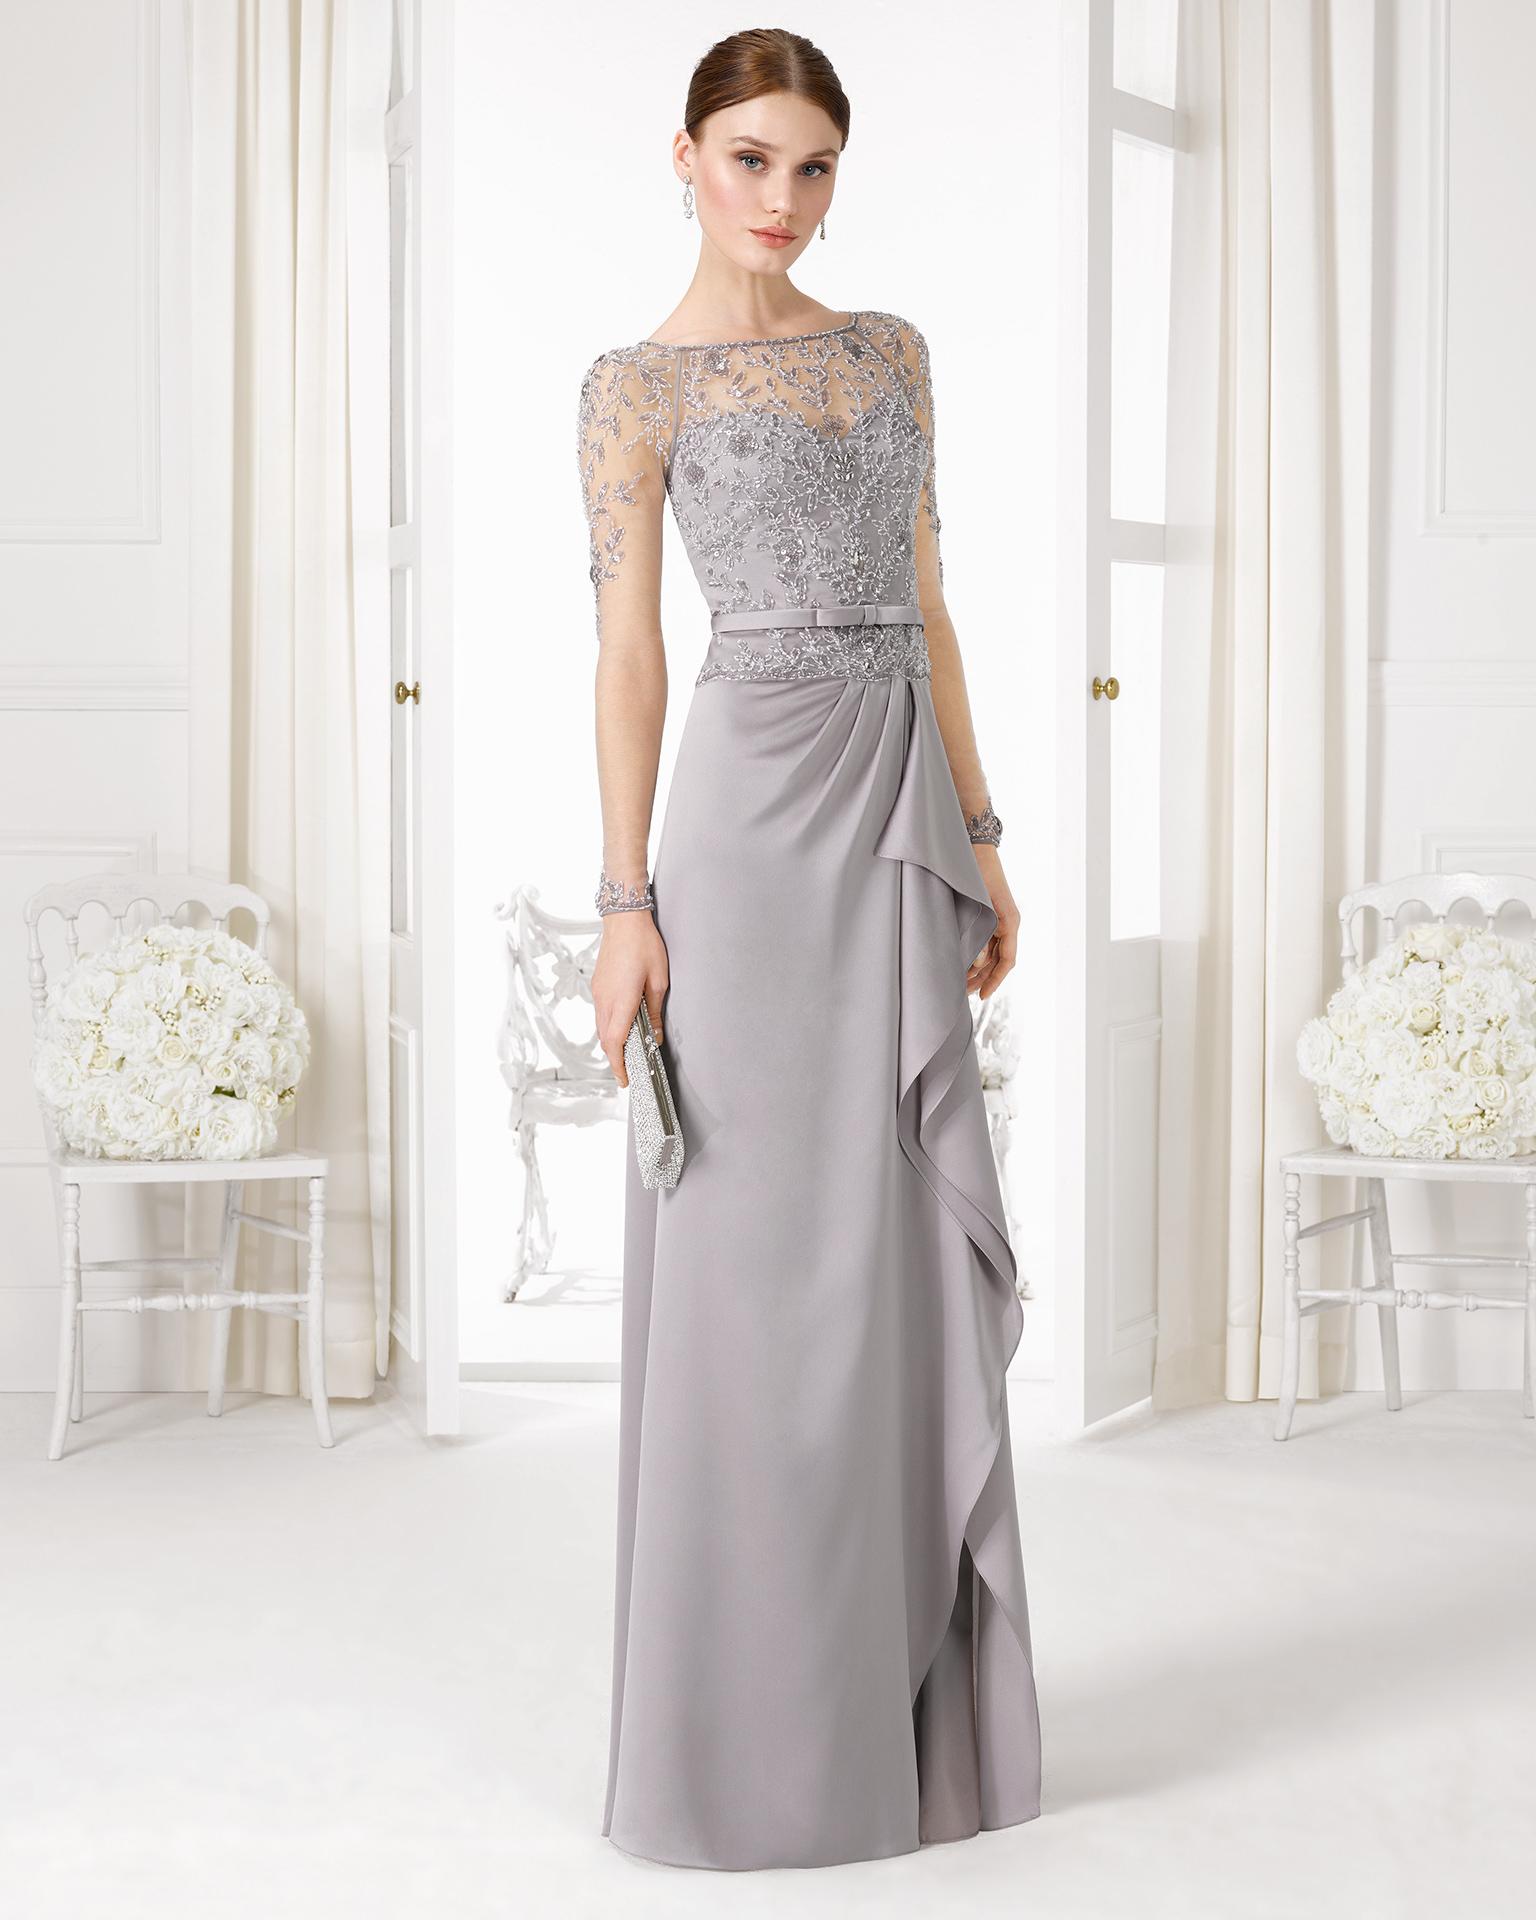 b998c0ce09f Vestidos de fiesta noche barcelona – Vestidos largos